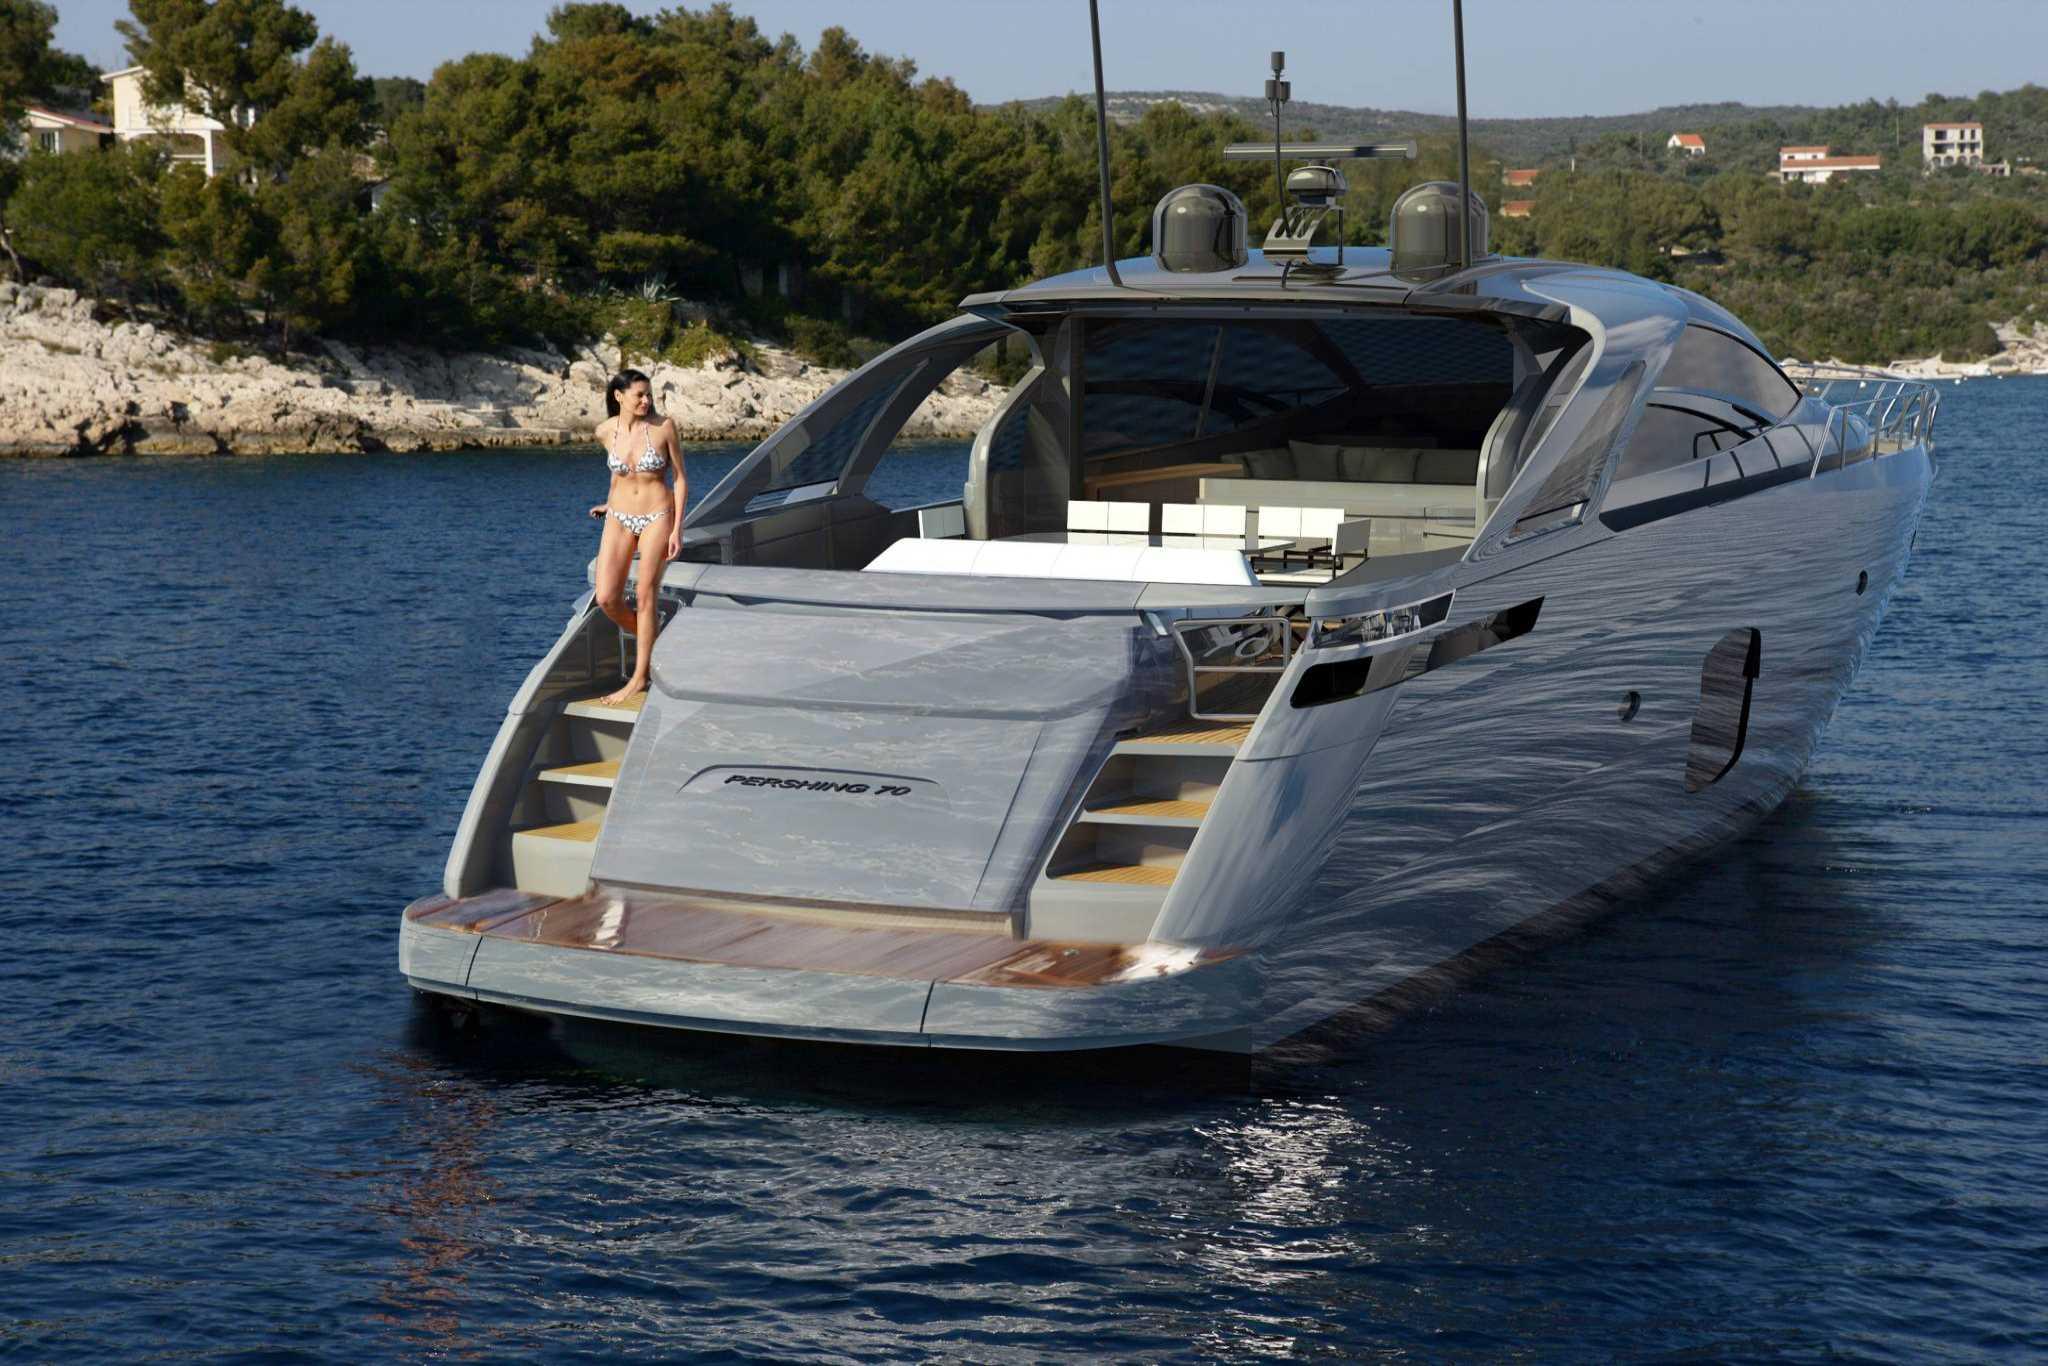 pershing 70 - ita yachts canada